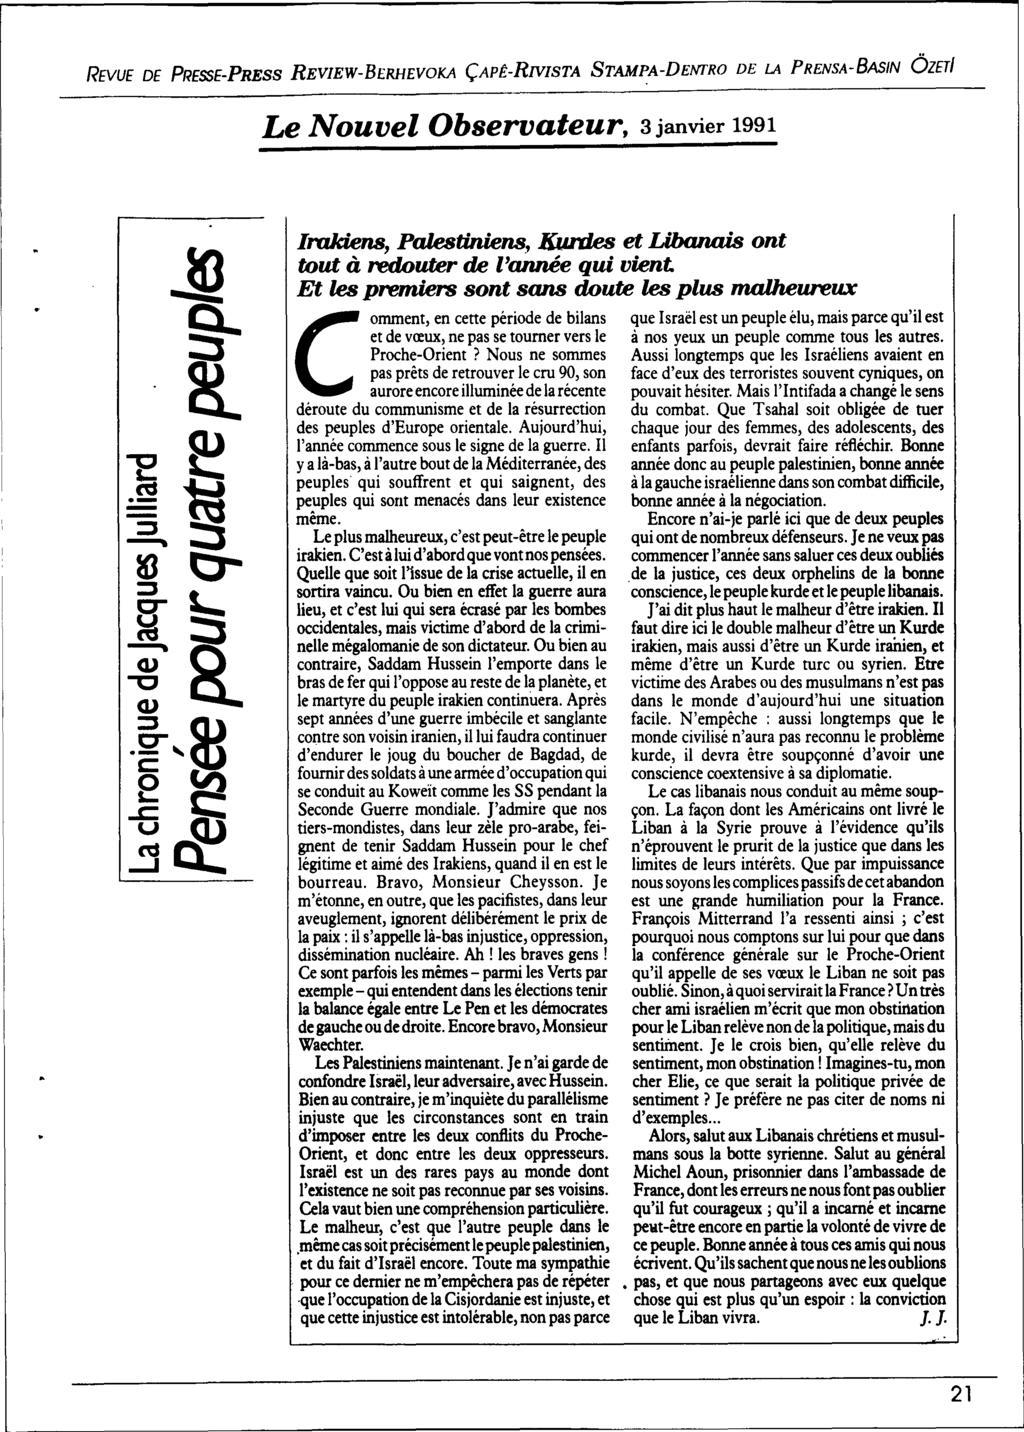 Institut Urd De Paris. Bulletin De Liaison Et D'rmation tout Mot Croiser